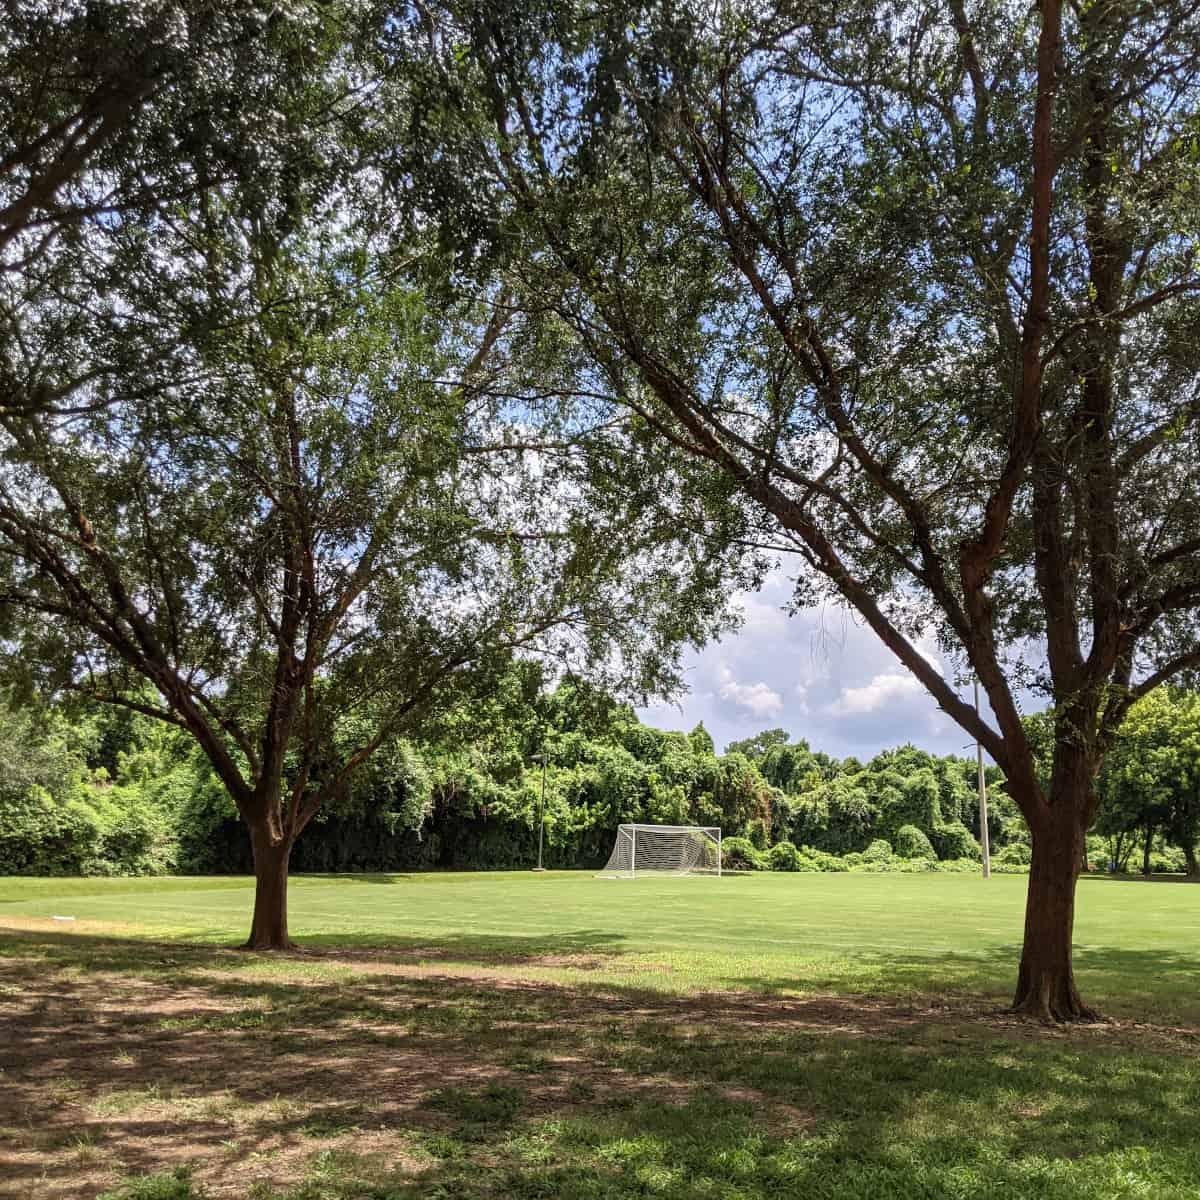 Lost Creek Park Soccer Fields